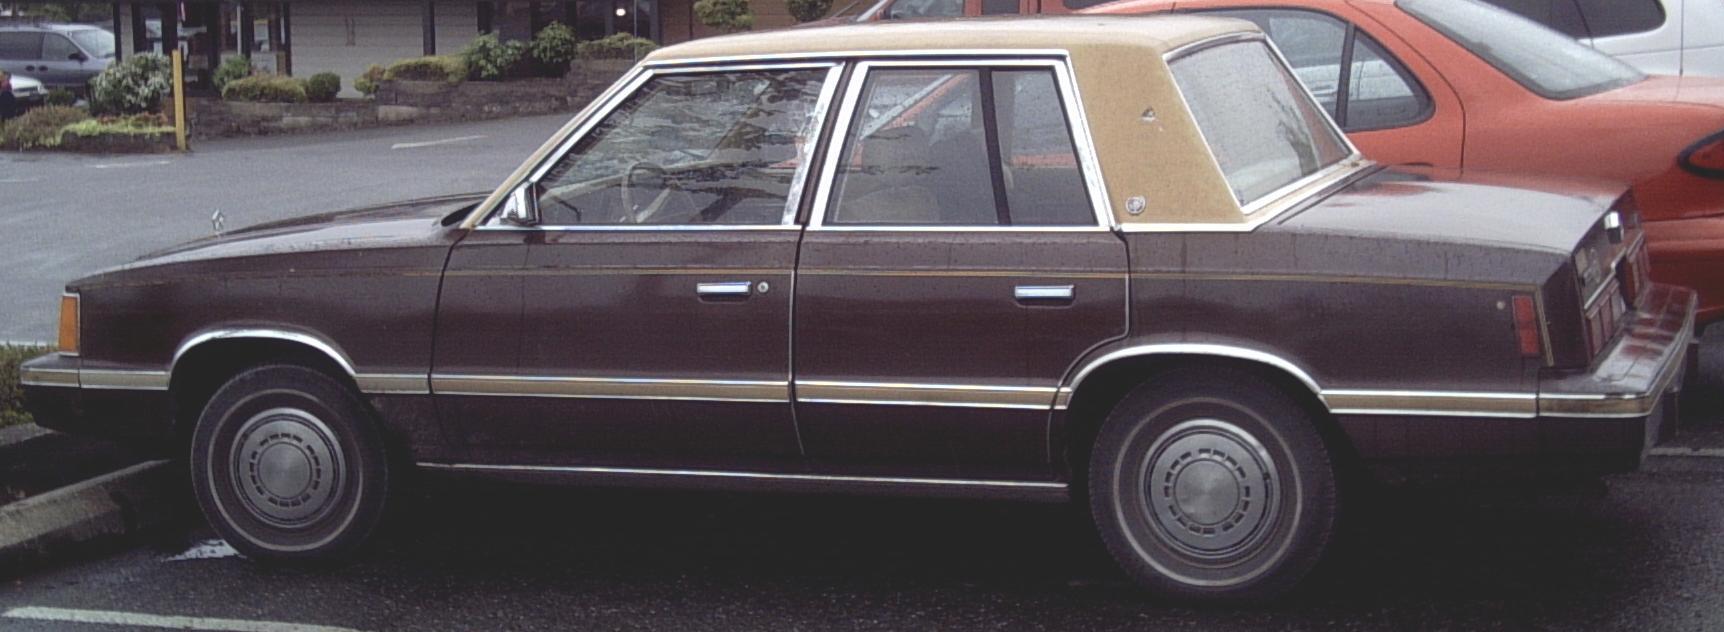 1984 dodge reliant